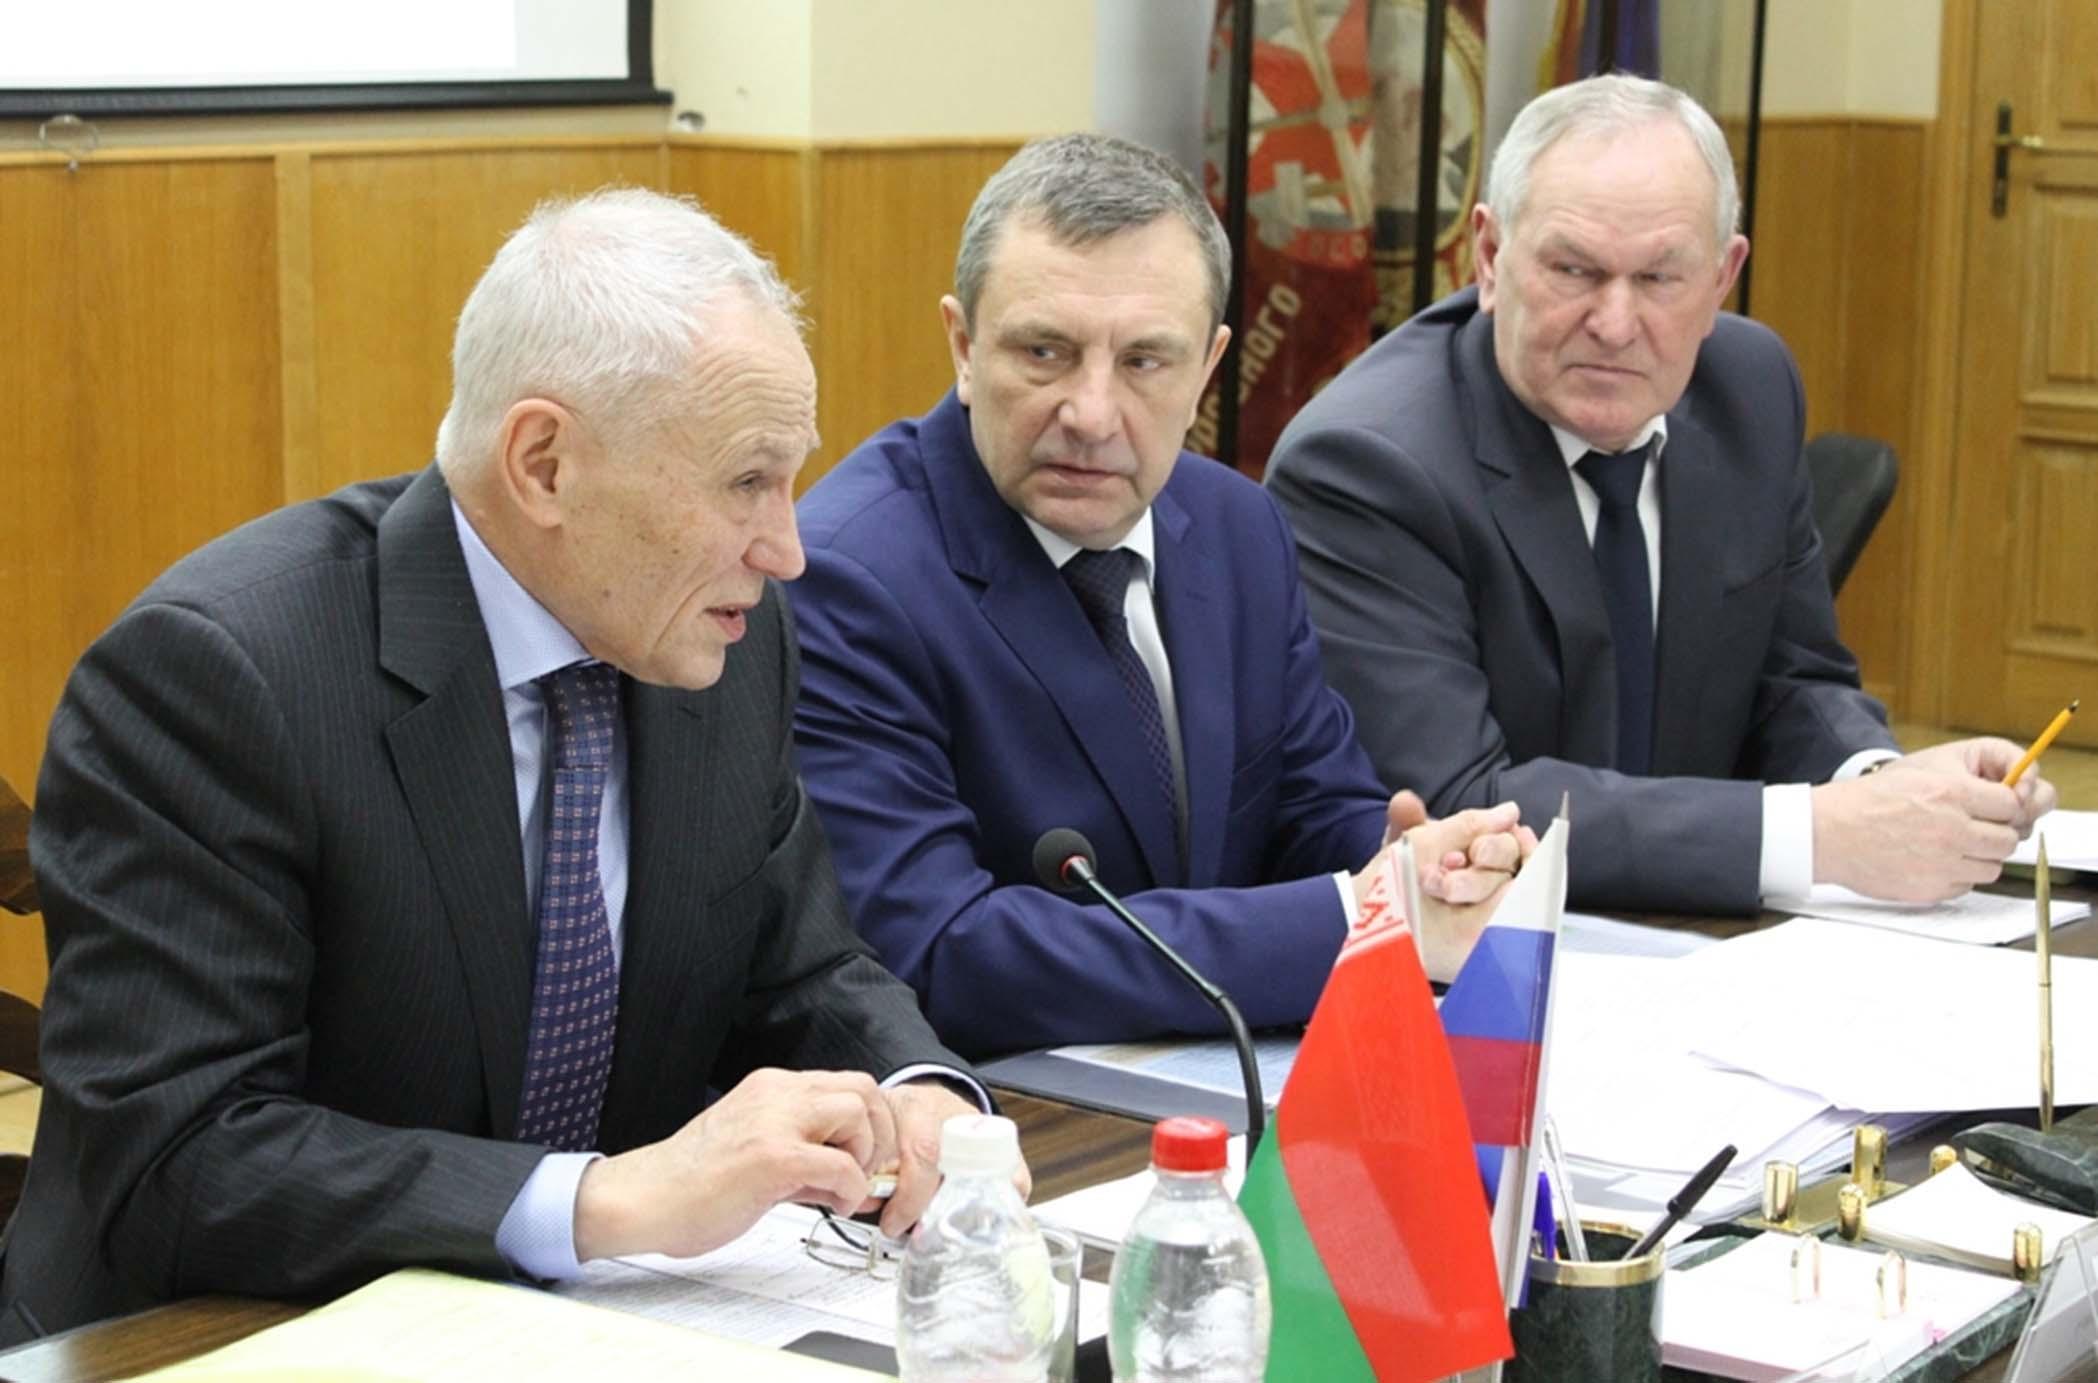 Слева направо: Григорий Рапота, Александр Колмаков и Иван Дырман во время заседания совместного президиума ДОСААФ